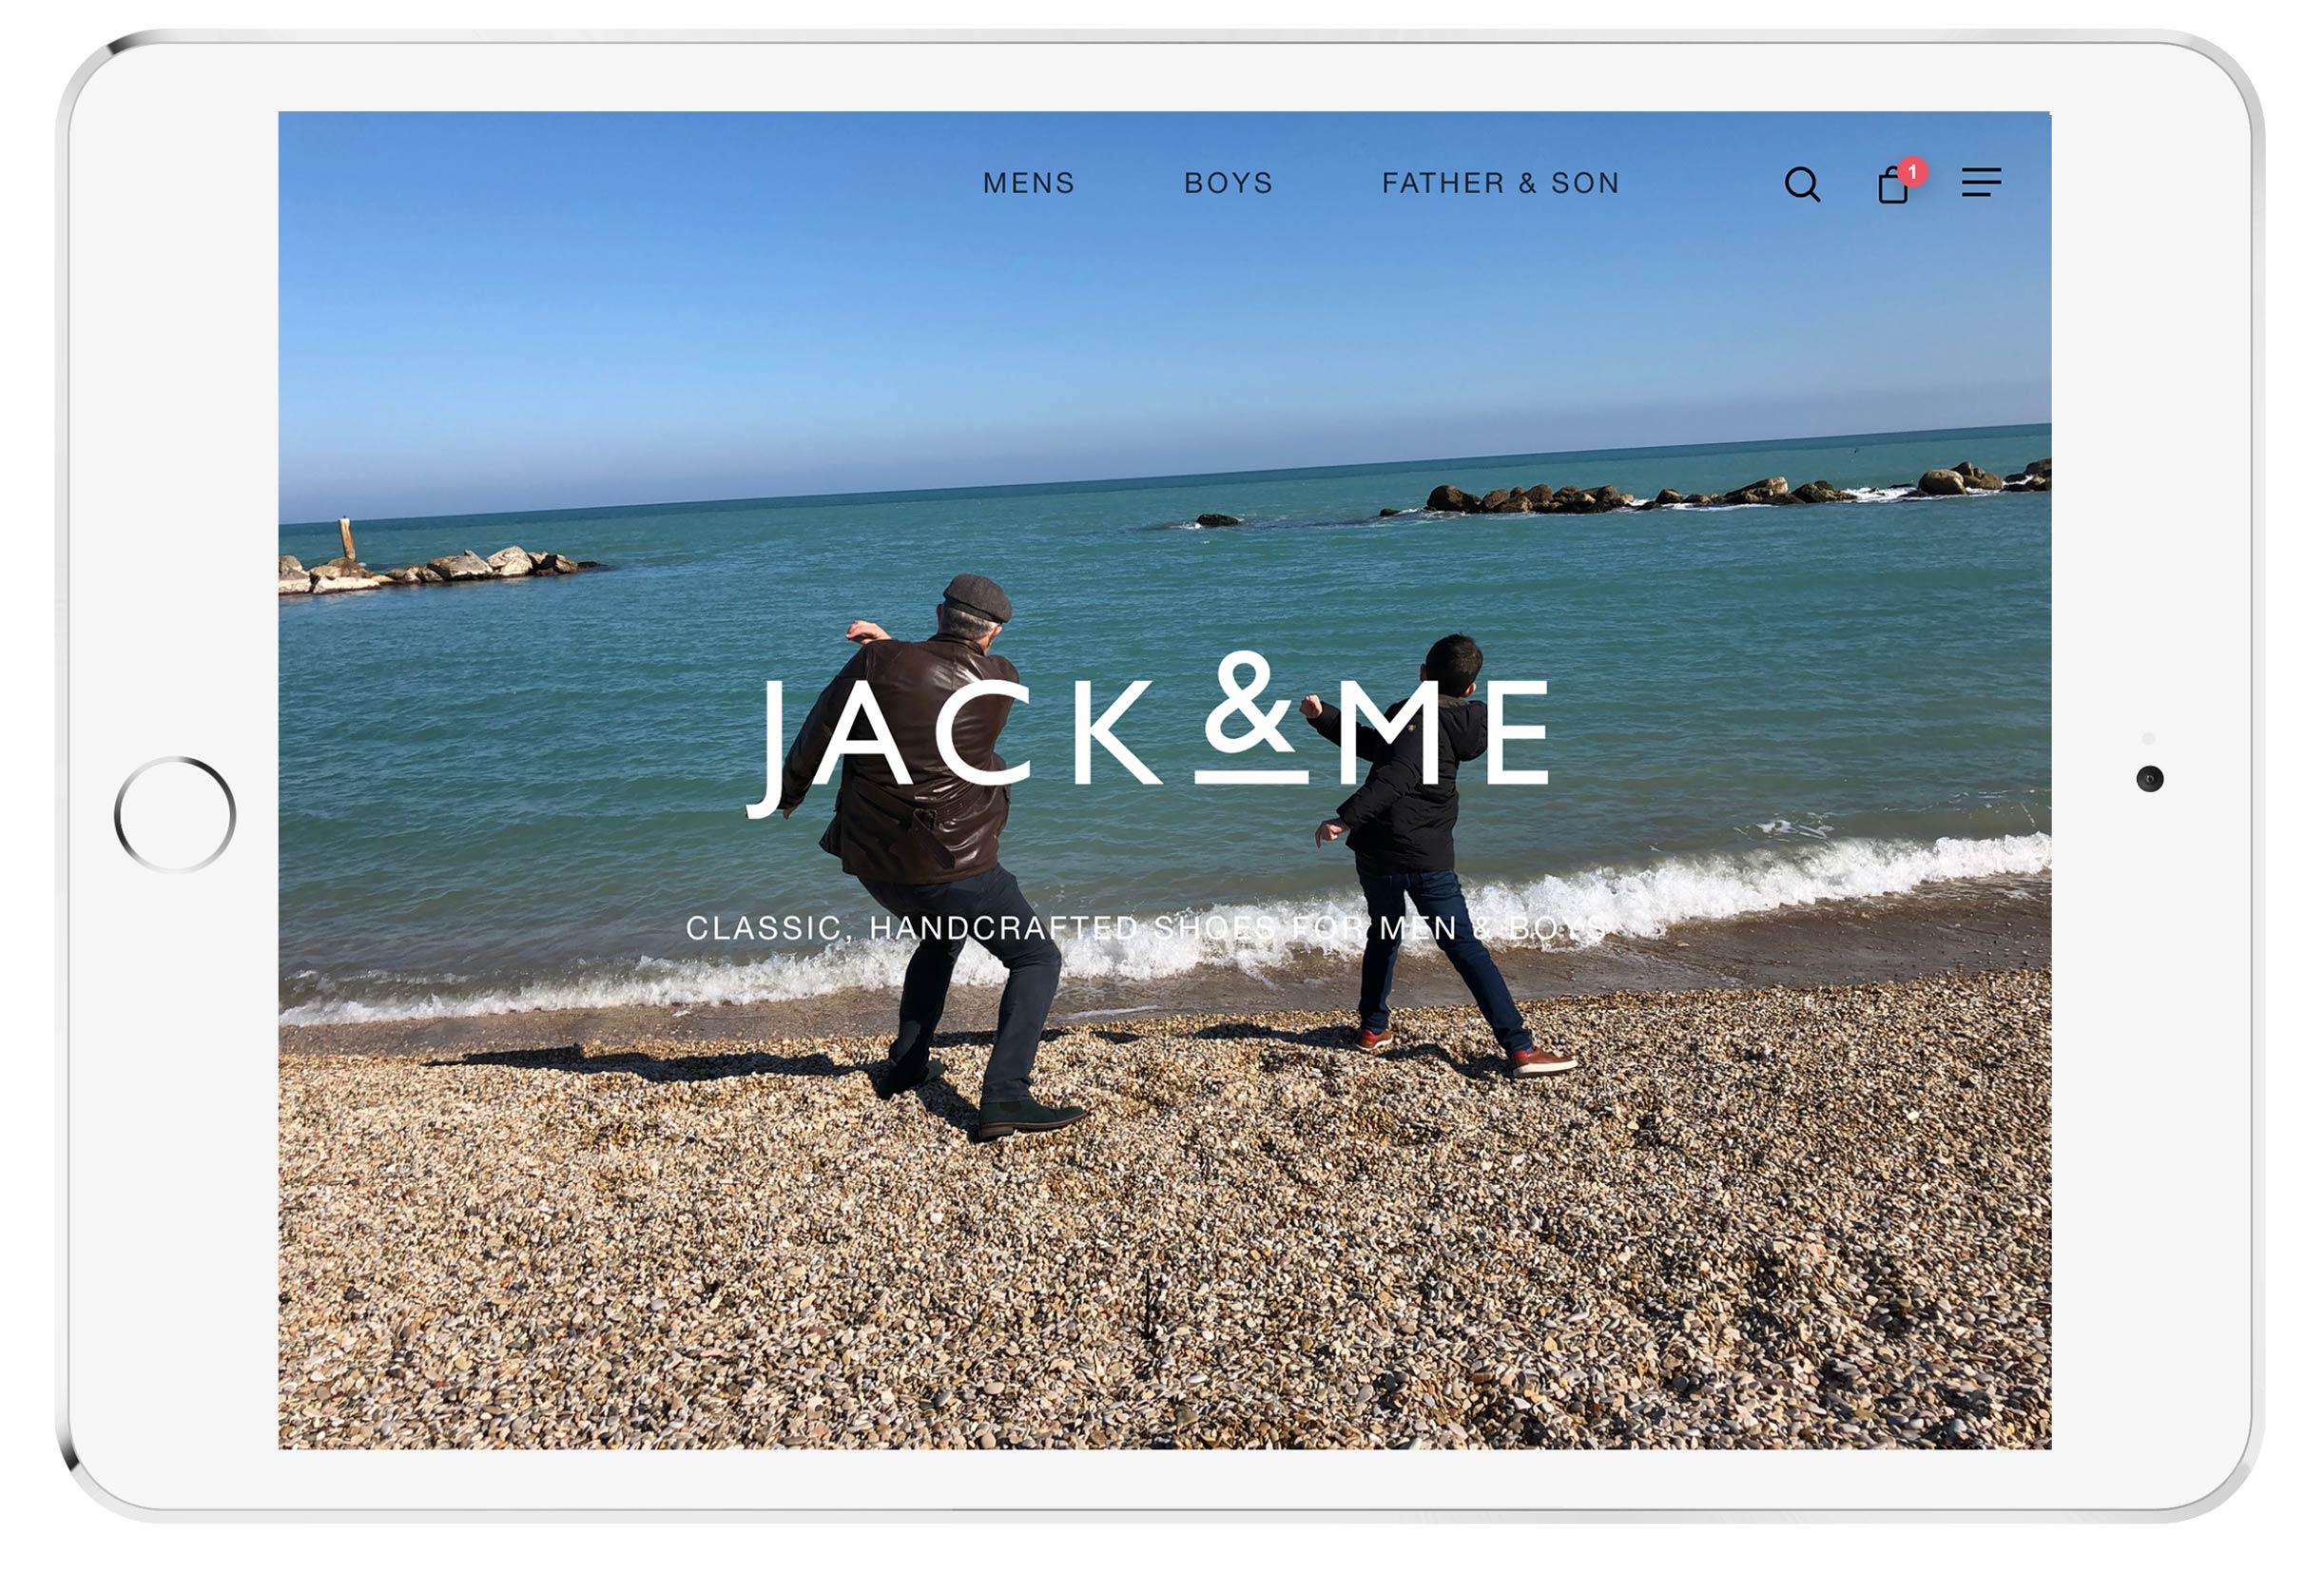 Web design agency based in Goa